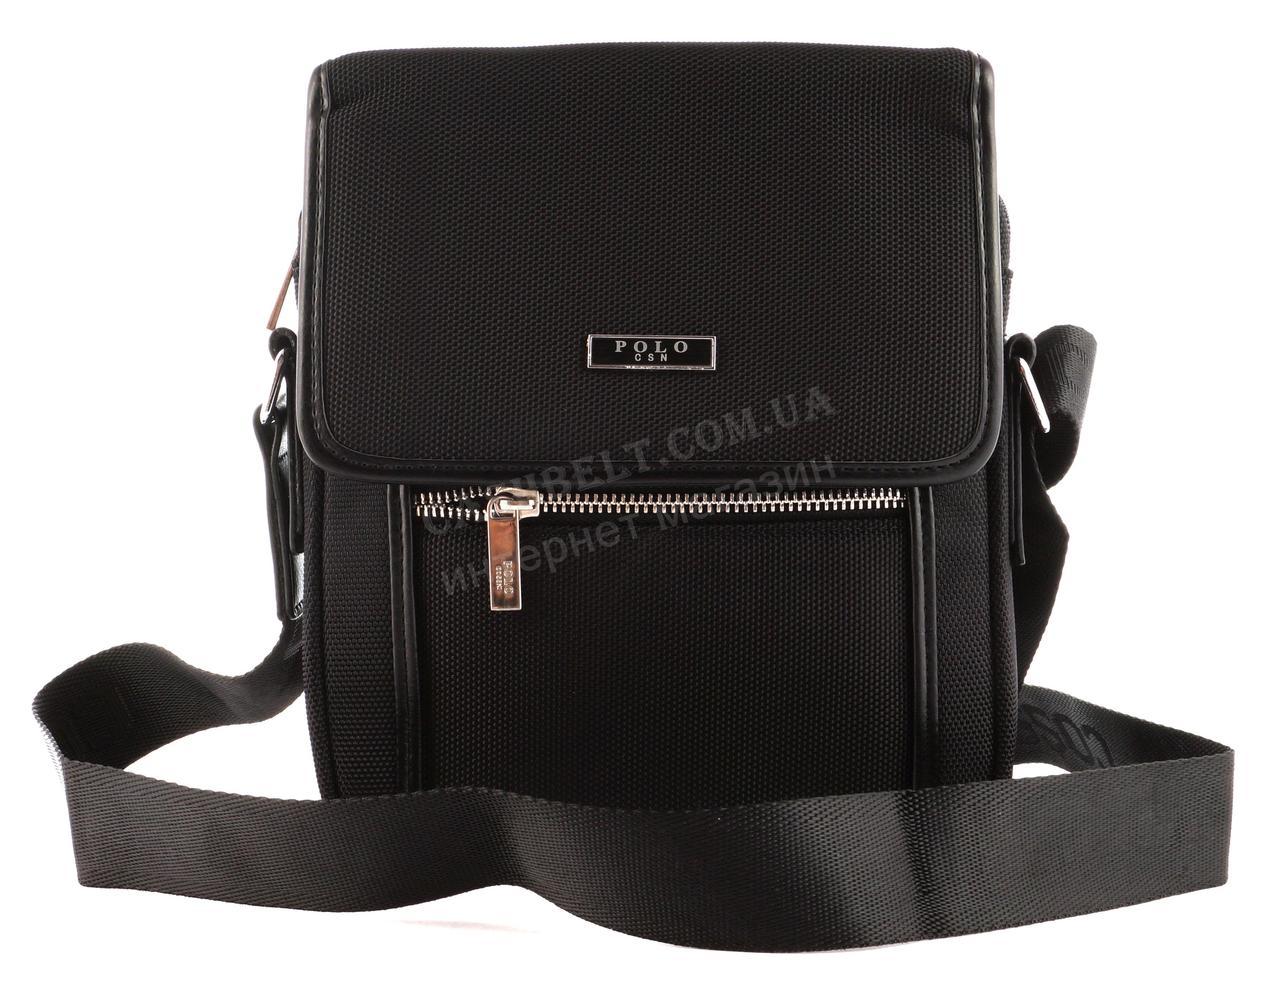 Очень прочная тканевая мужская небольшая наплечная сумка POLO art. 665-3 черная